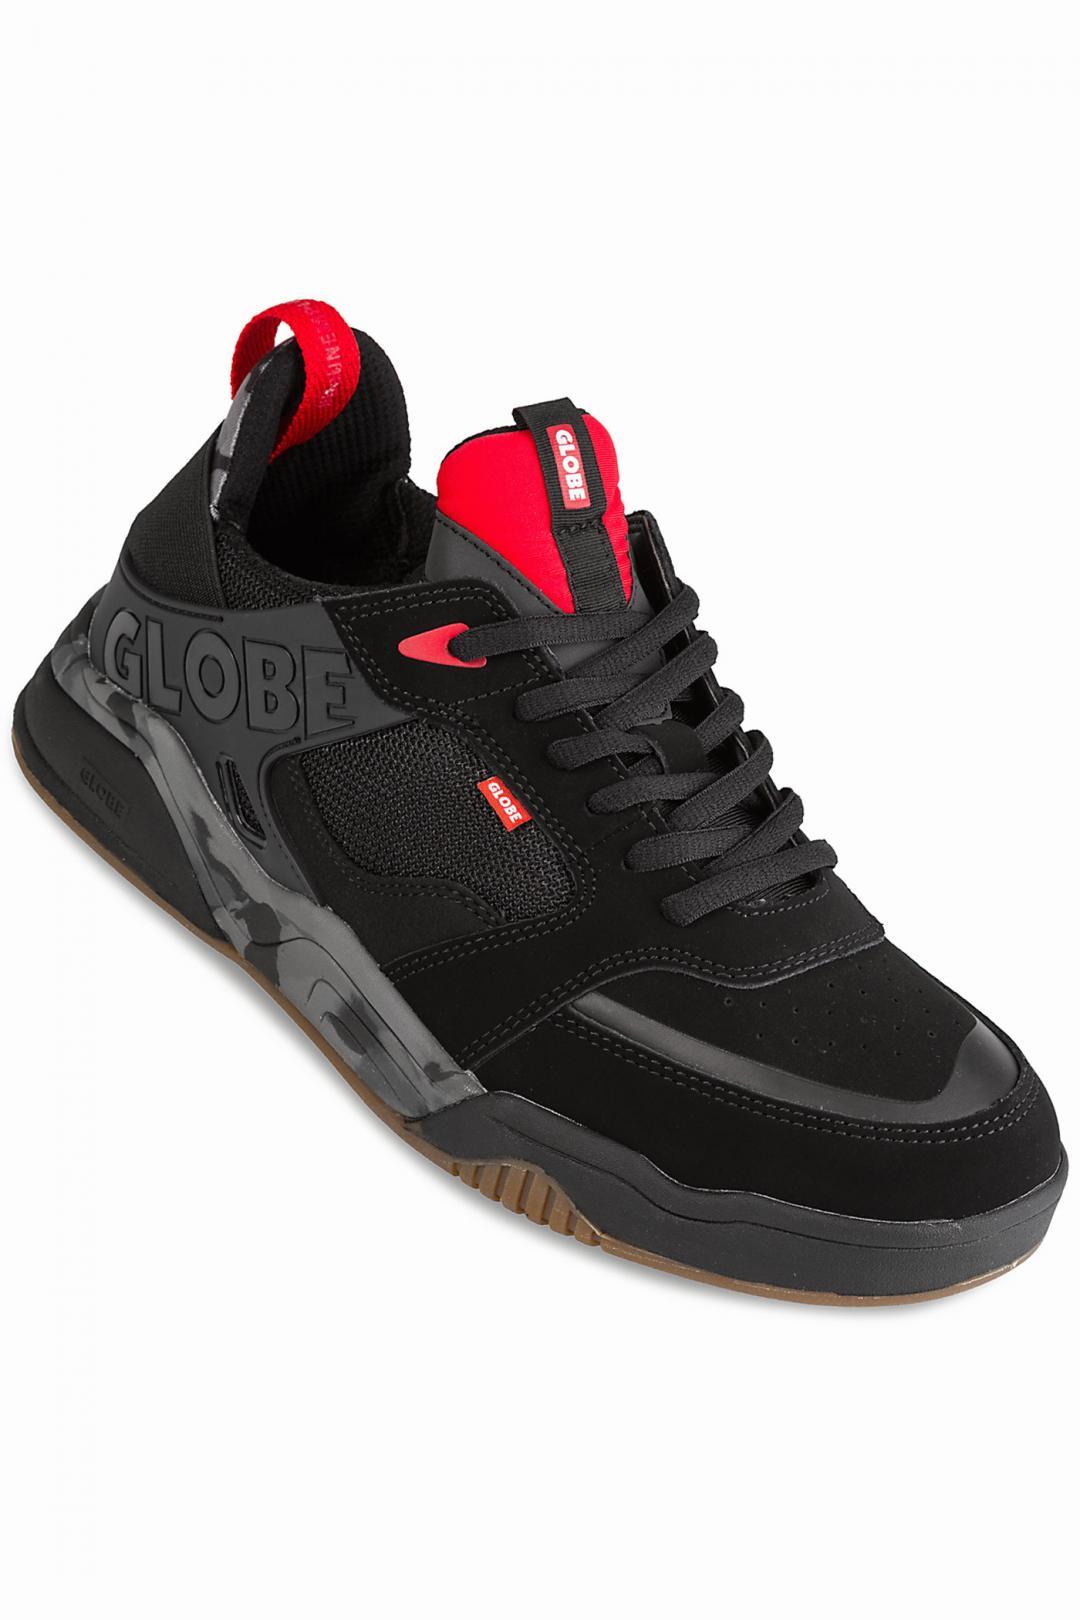 Uomo Globe Tilt Evo black red camo | Sneaker